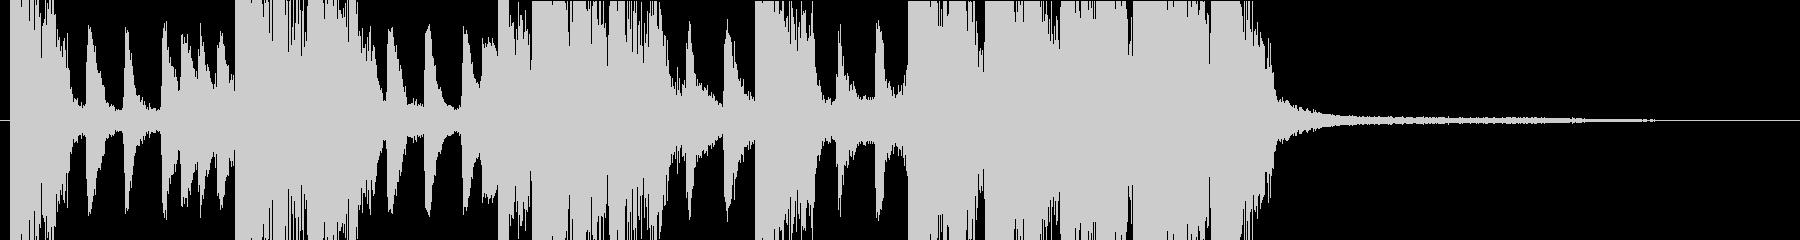 11秒・三味線和風バンド派手目のジングルの未再生の波形